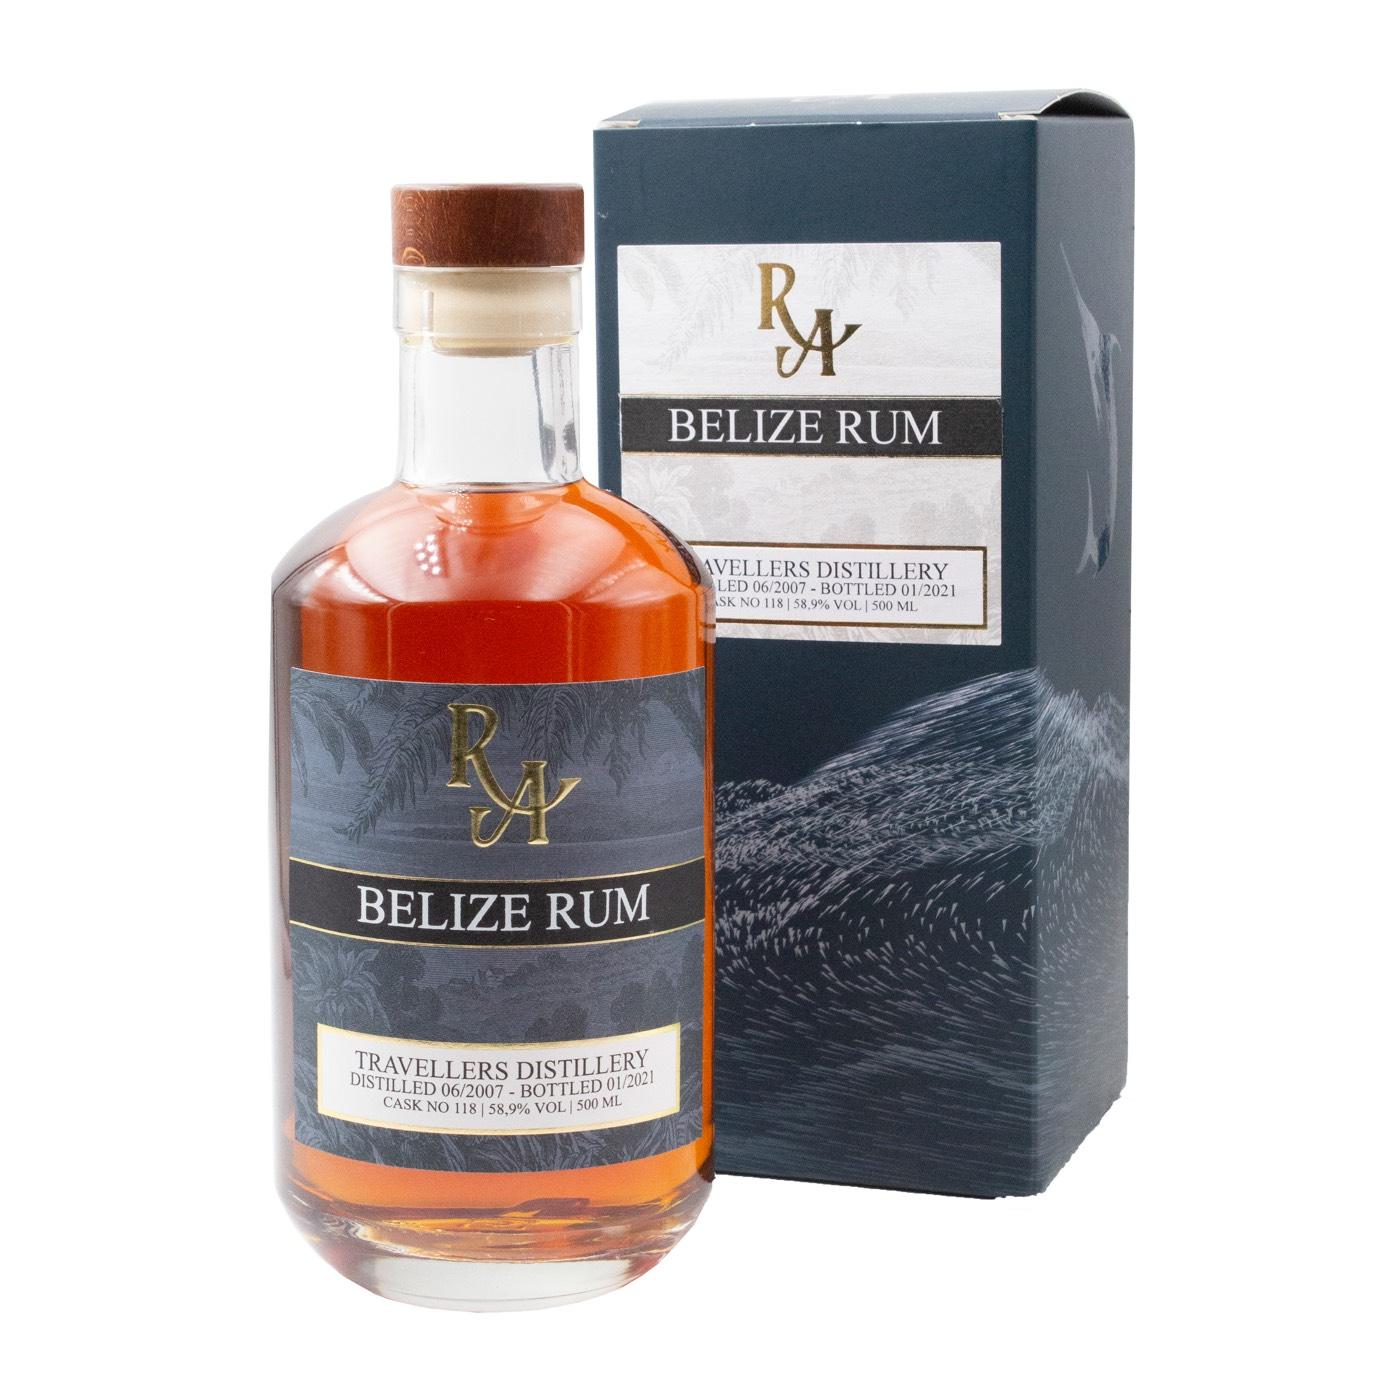 Bottle image of Rum Artesanal Belize Rum MBT